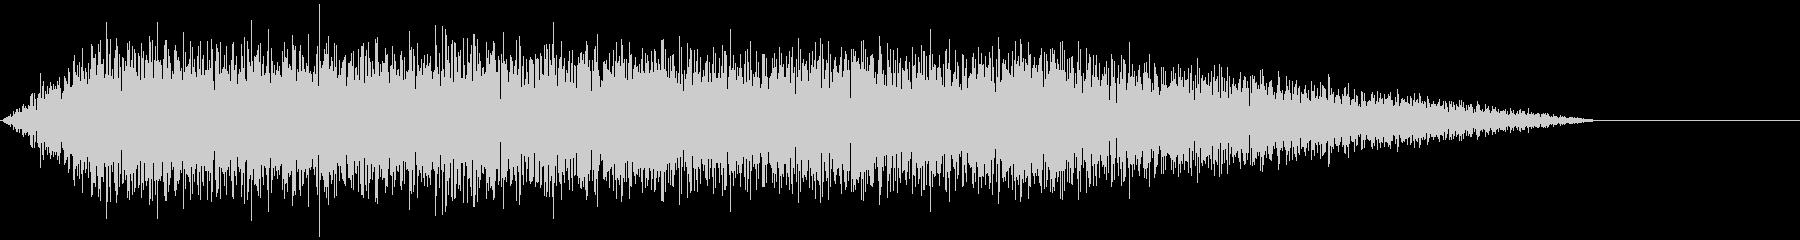 ウィーン ヴーン モーター音 の未再生の波形